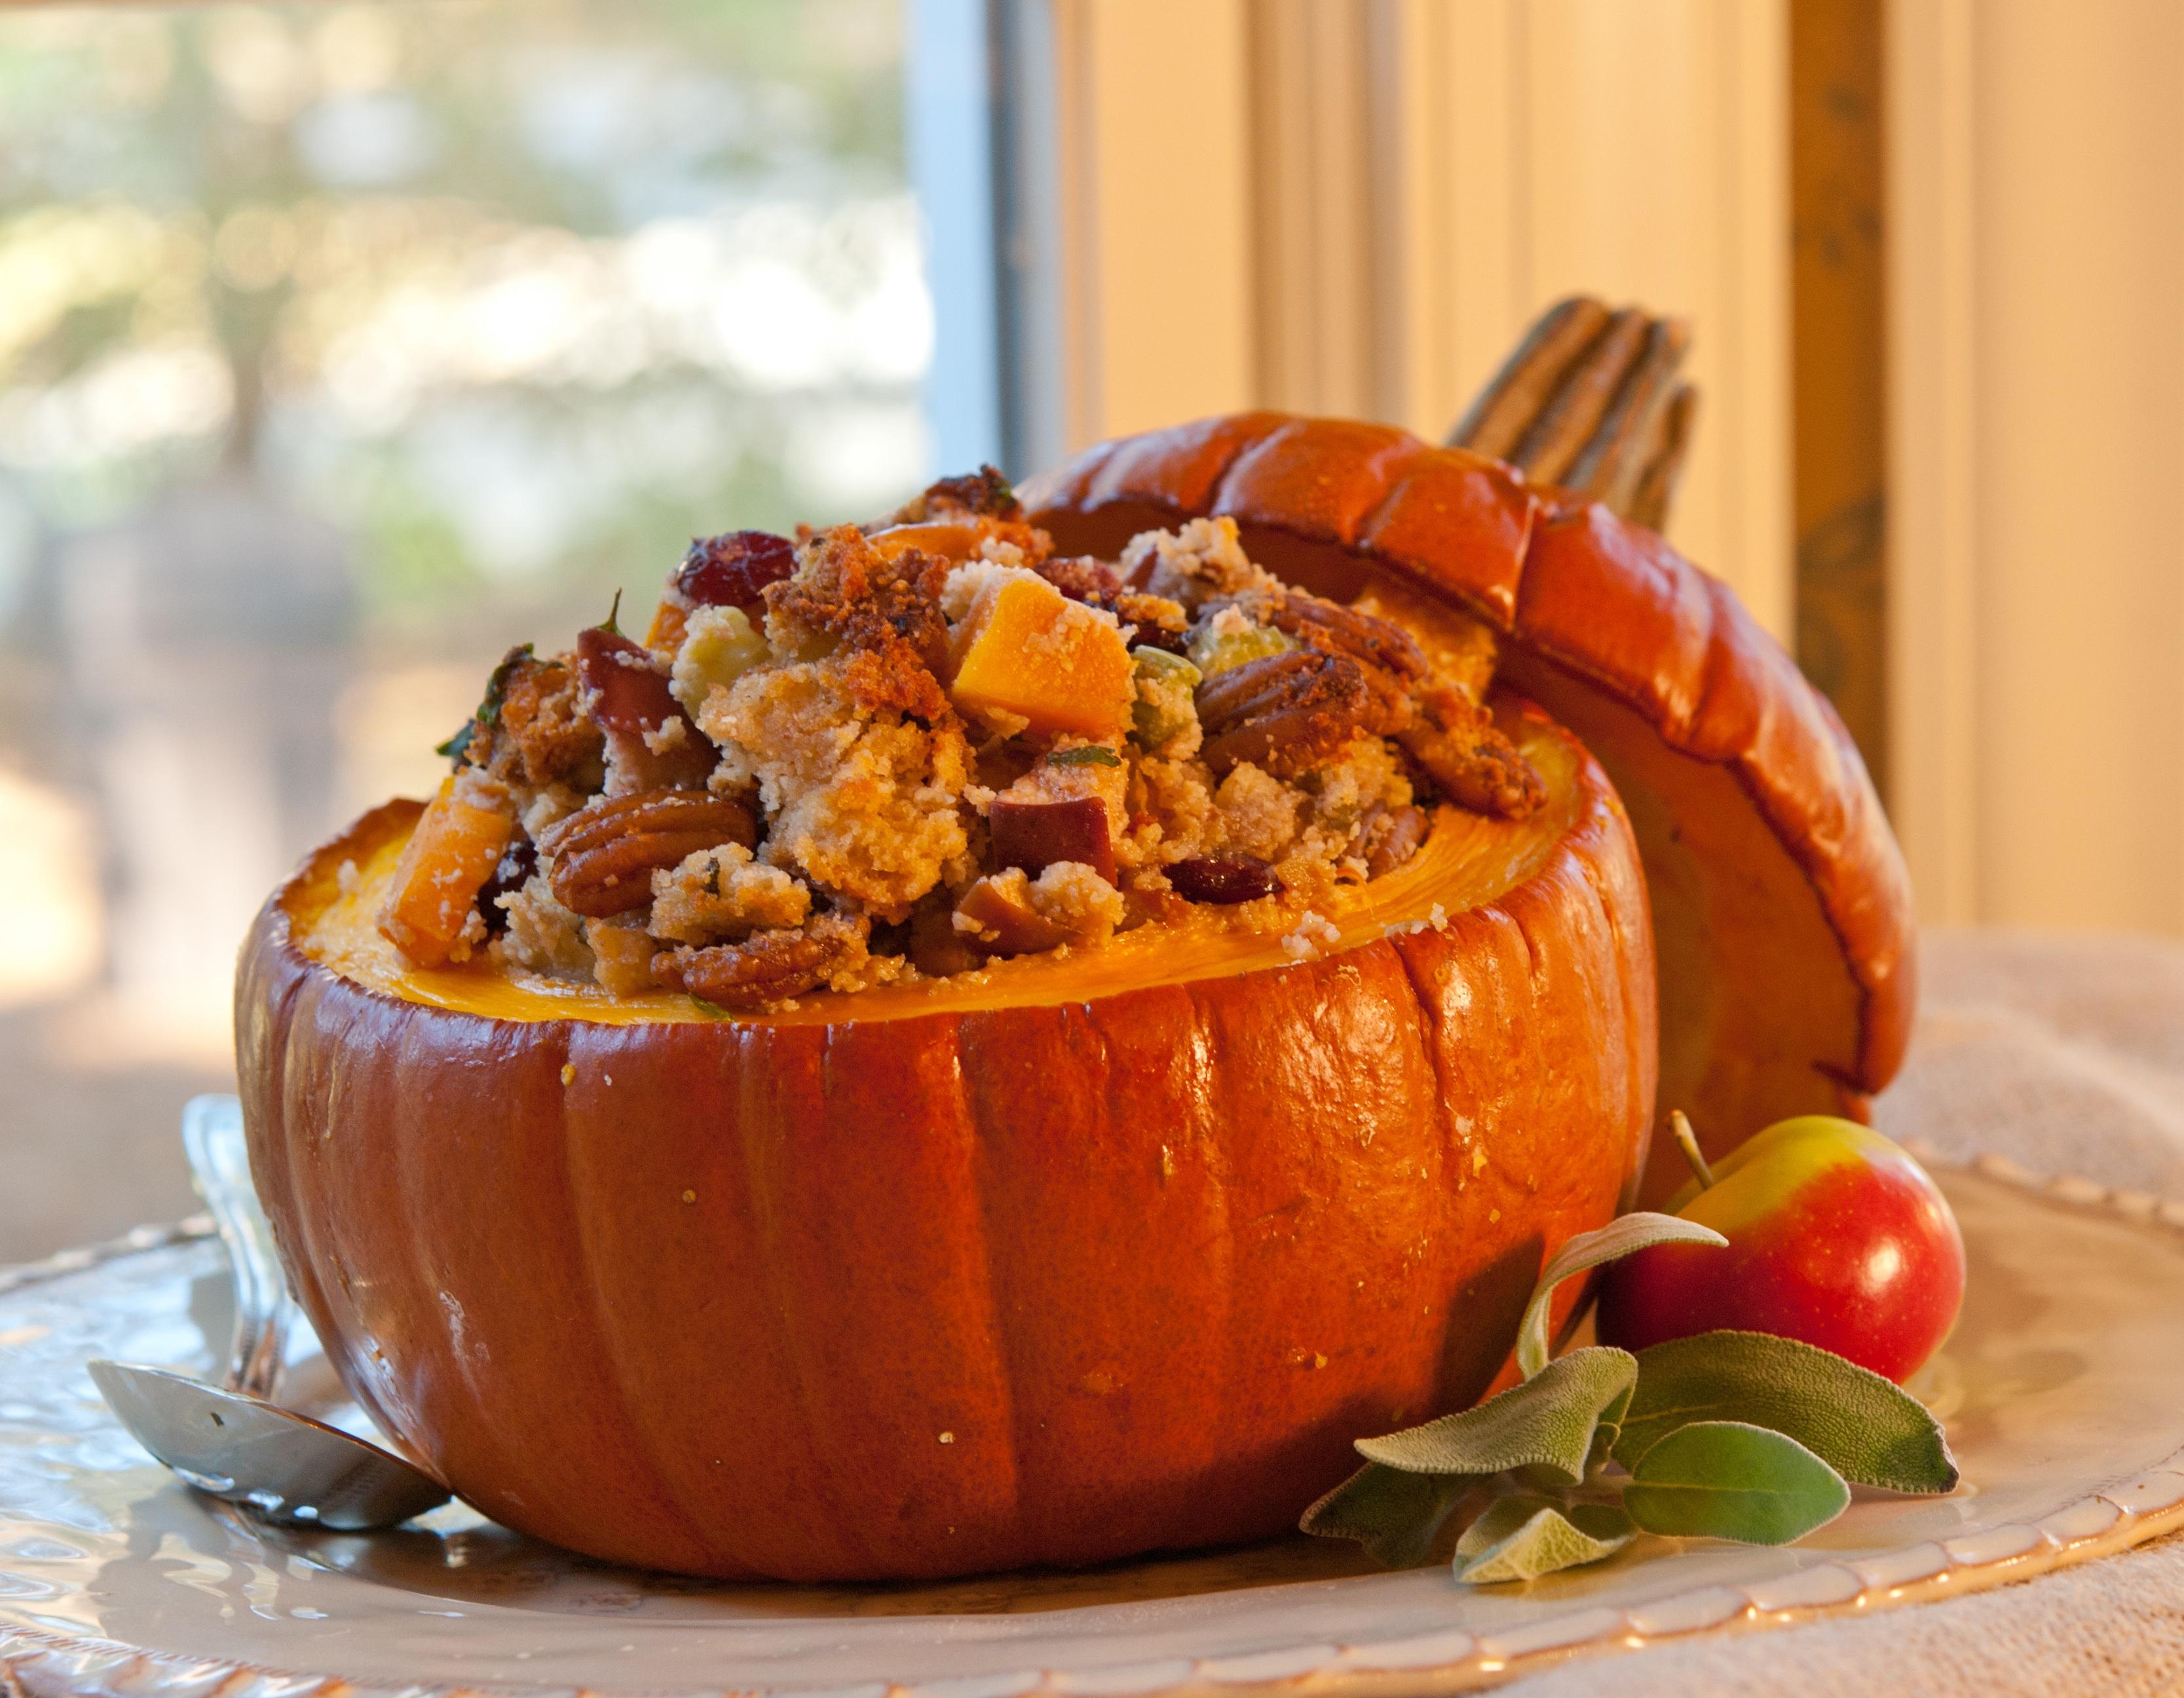 vegan tuffing in a pumpkin